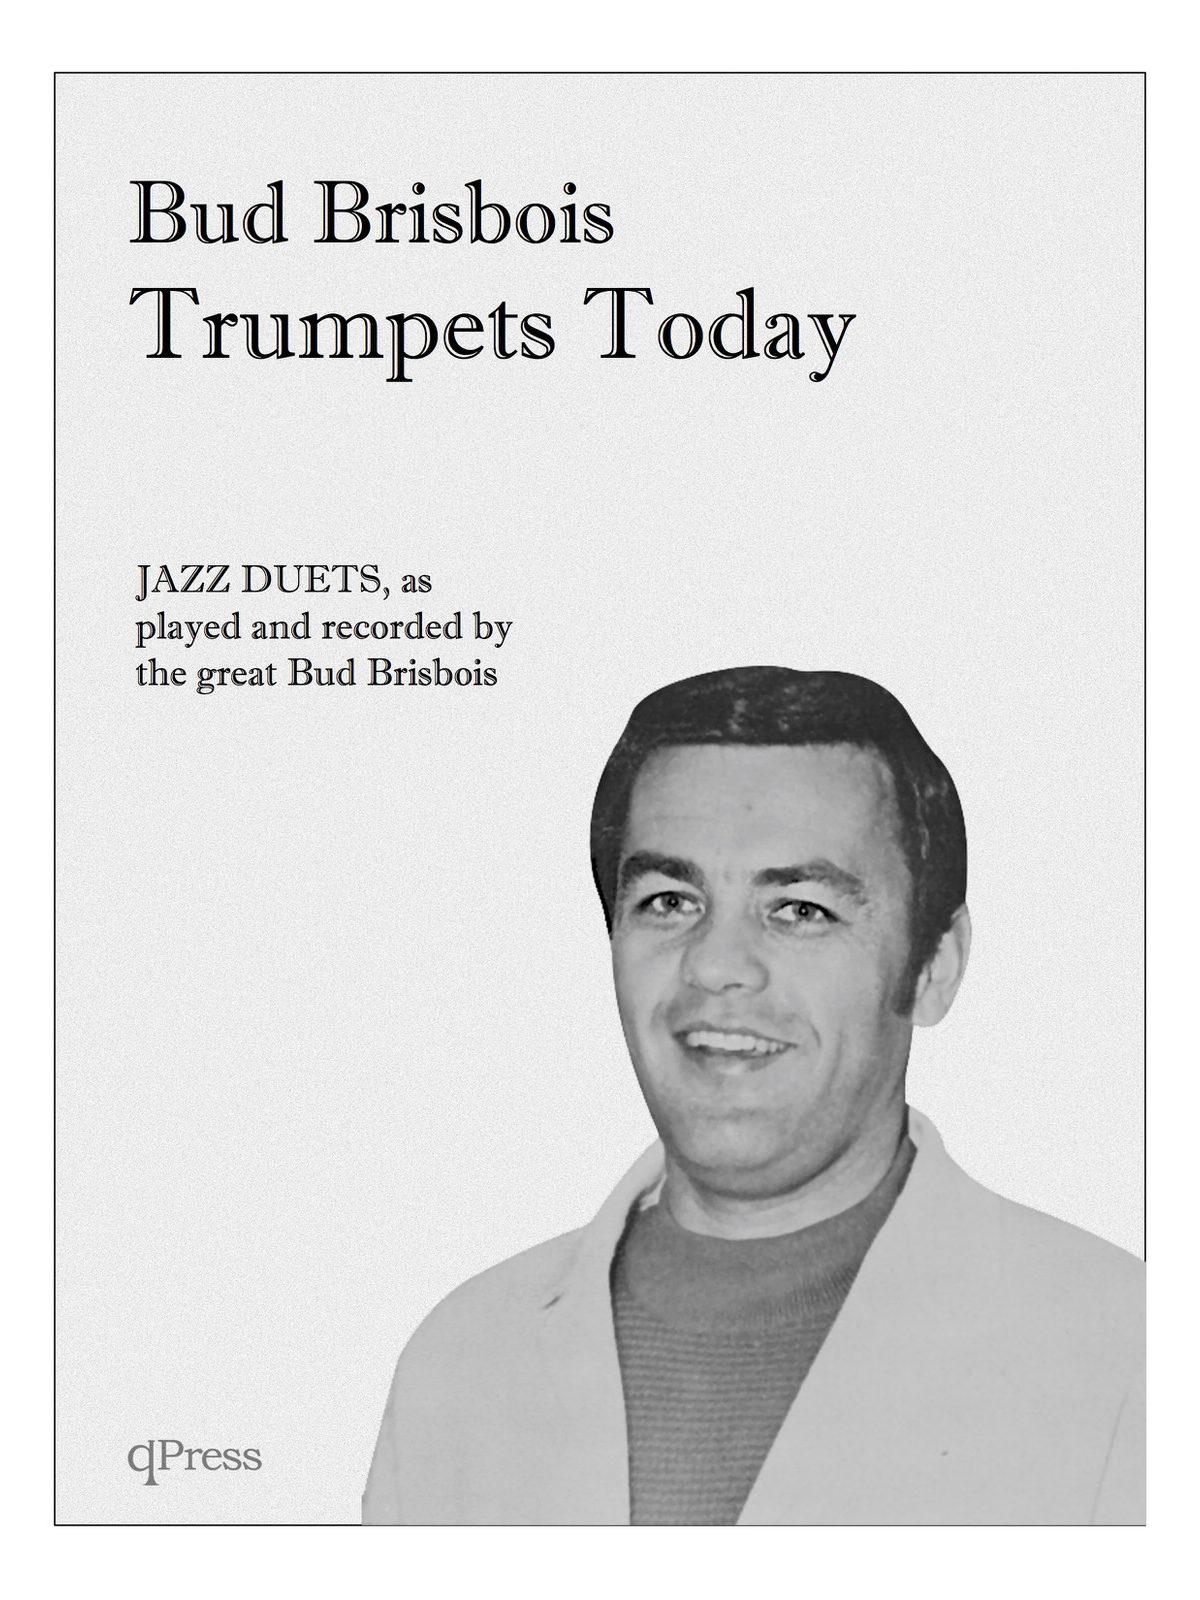 brisbois-trumpet-today-jazz-duets-1